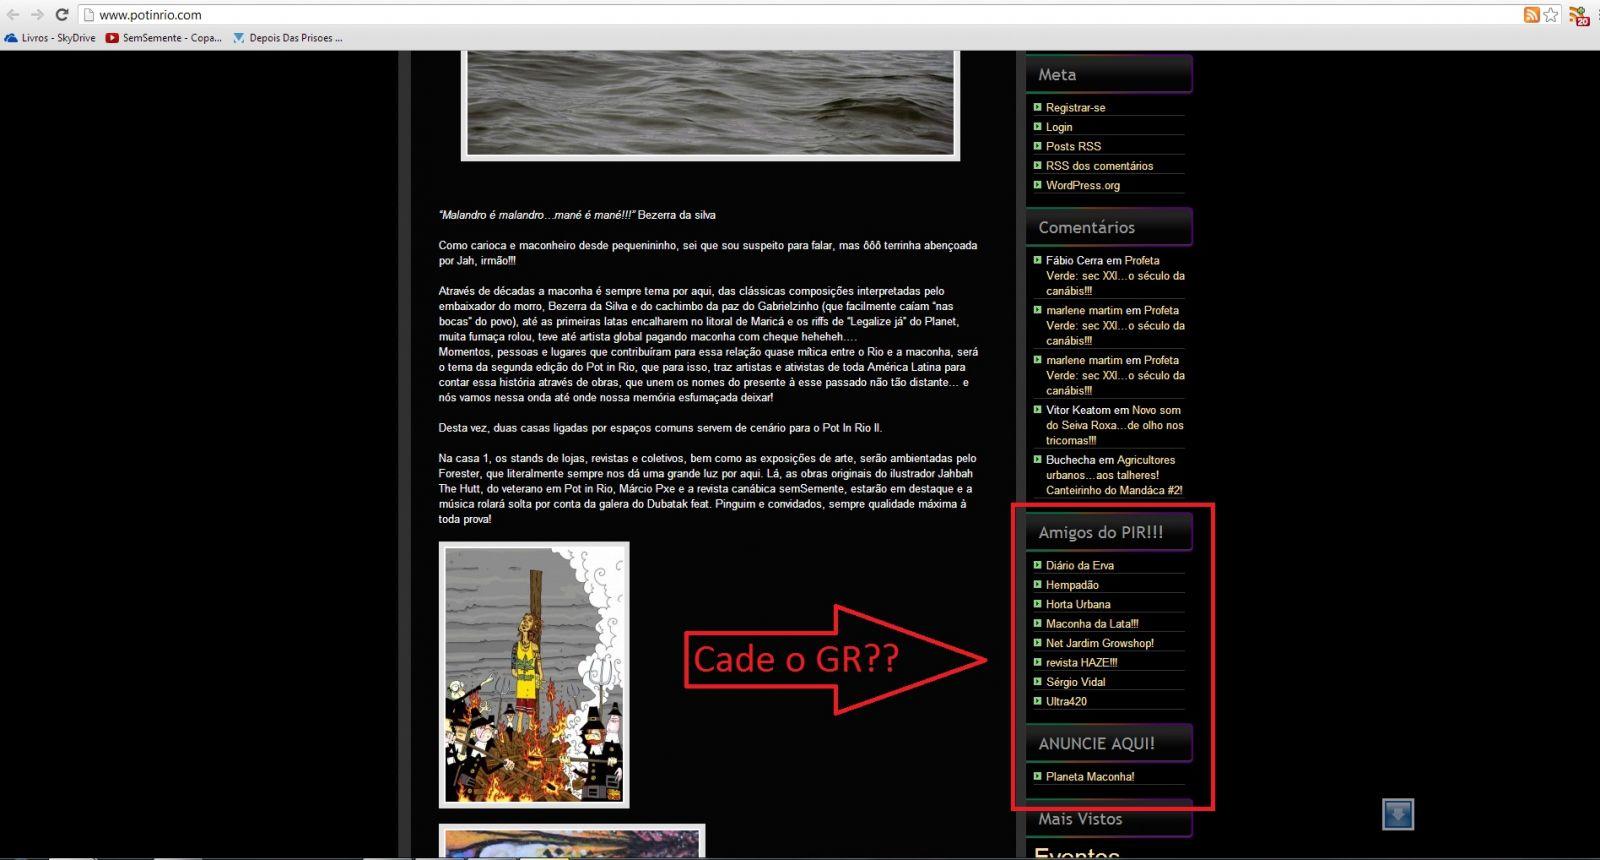 gallery_36127_5841_62920.jpg